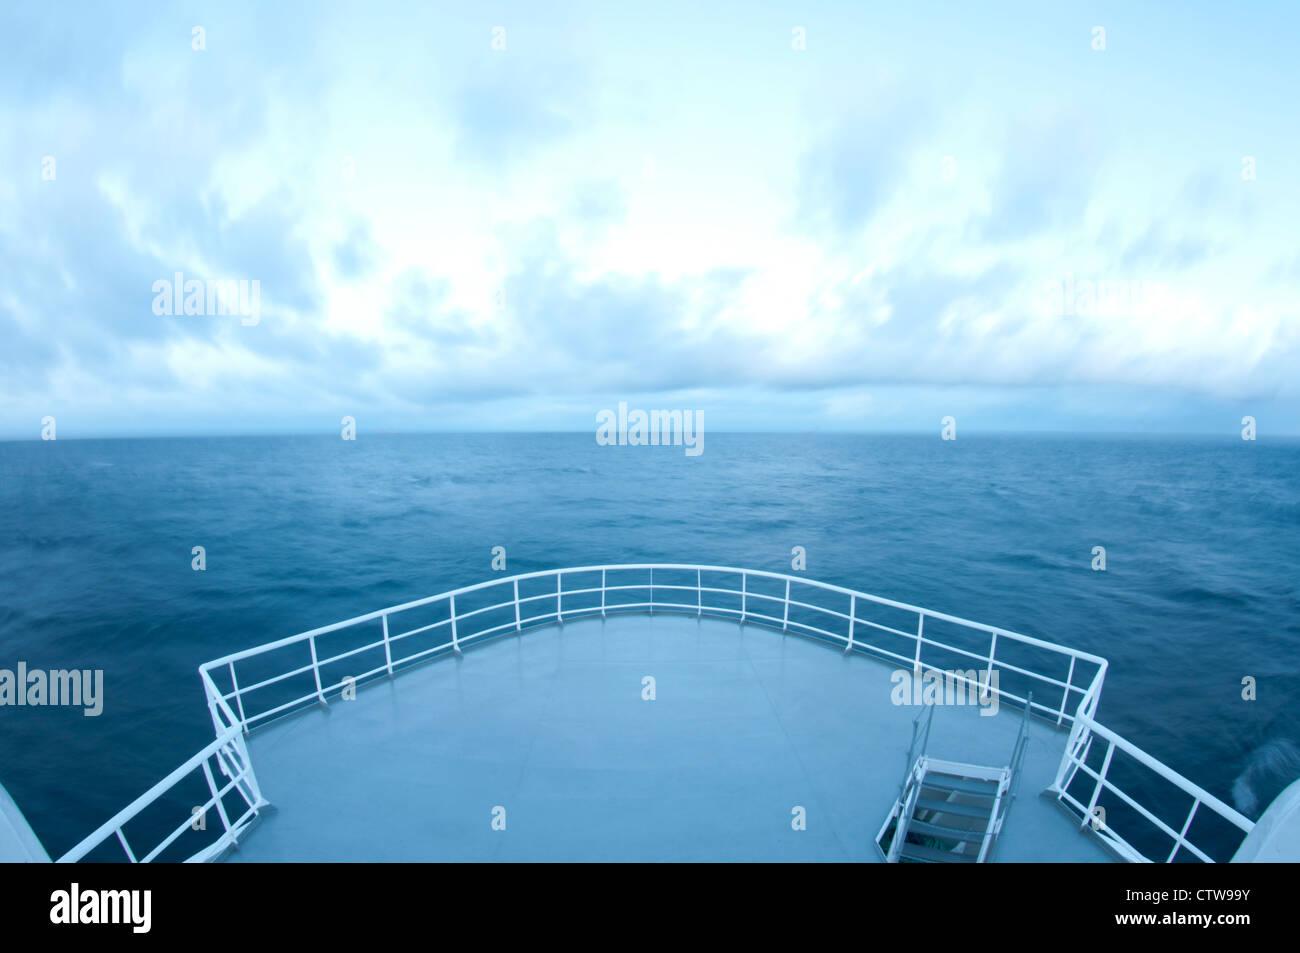 La position de l'arc navire horizon. Banque D'Images